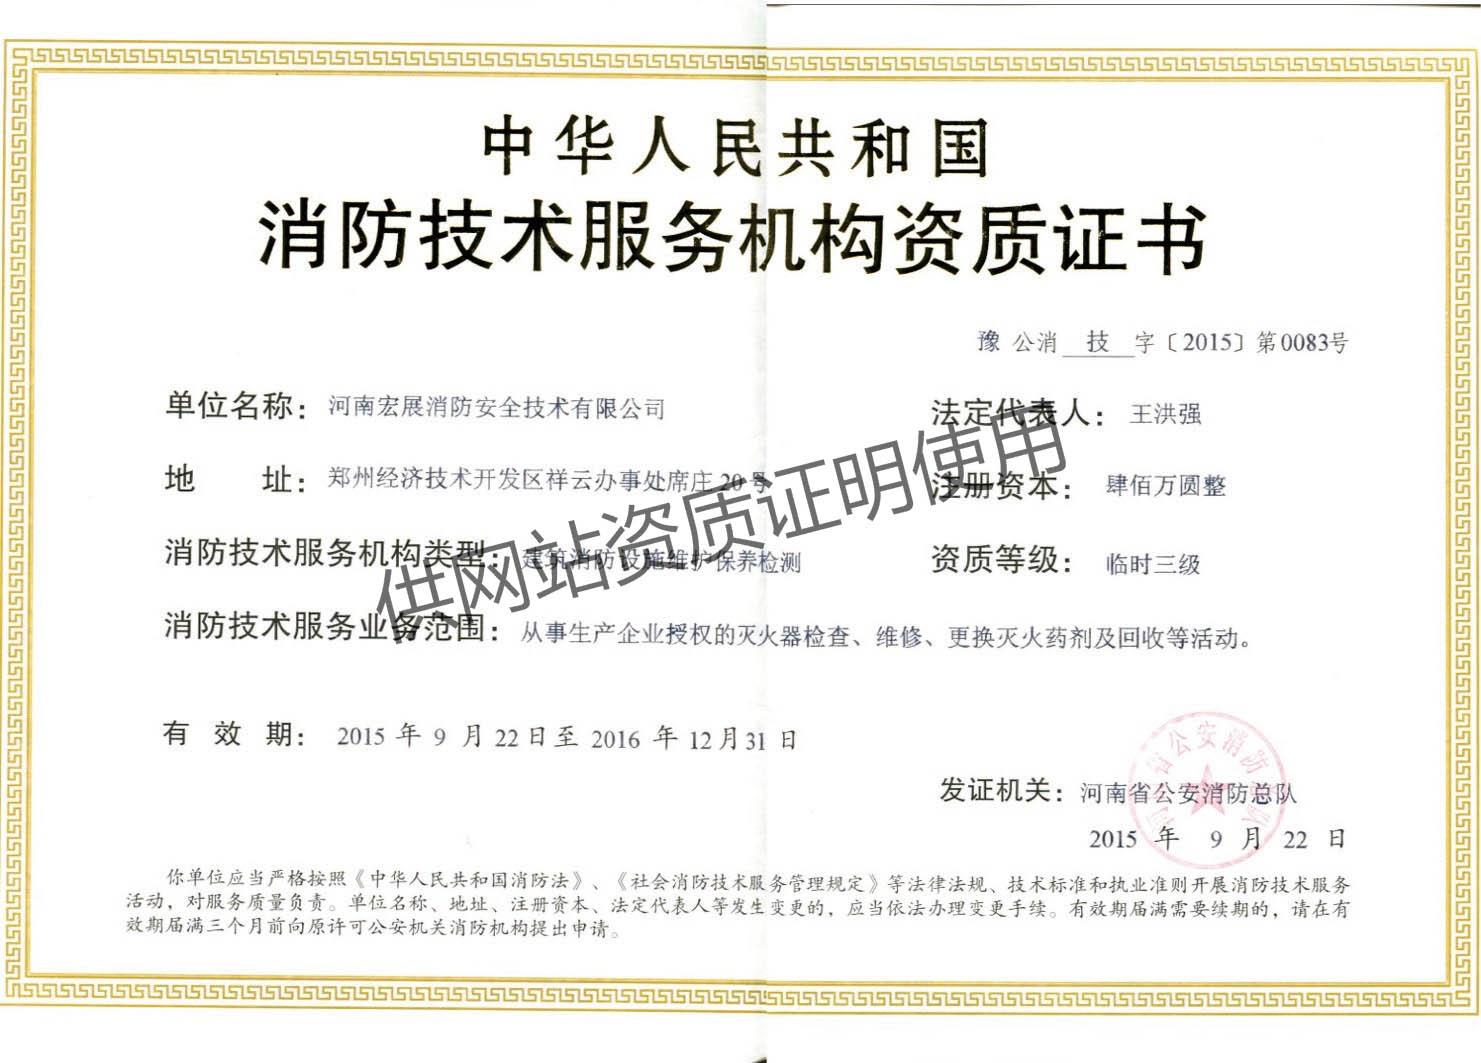 消防技术服务机构资质证书